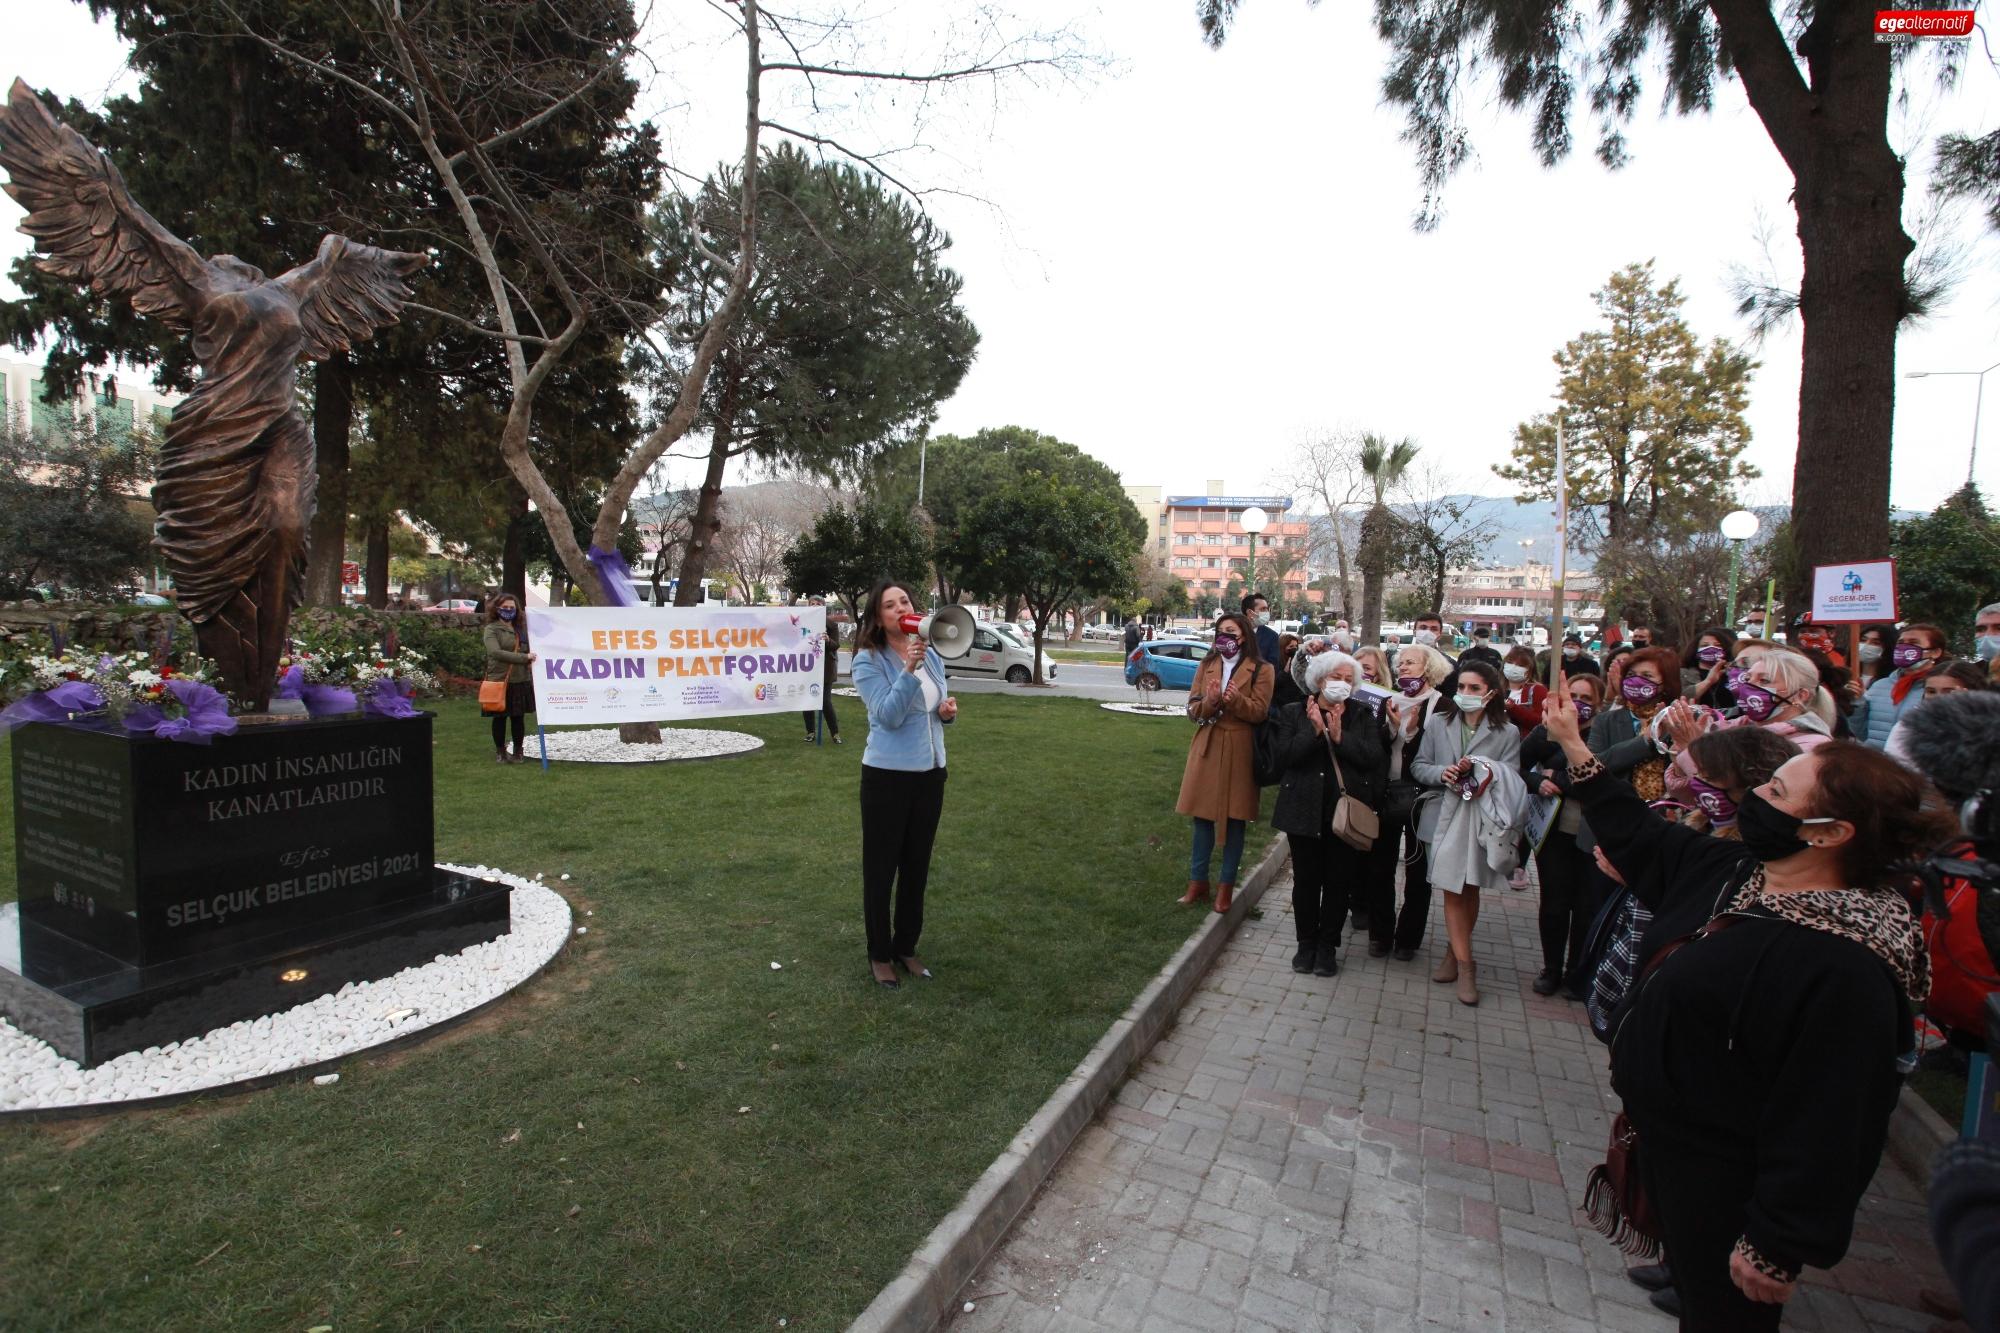 Efes Selçuk'ta Nike anıtı açıldı: Kadın insanlığın kanatlarıdır